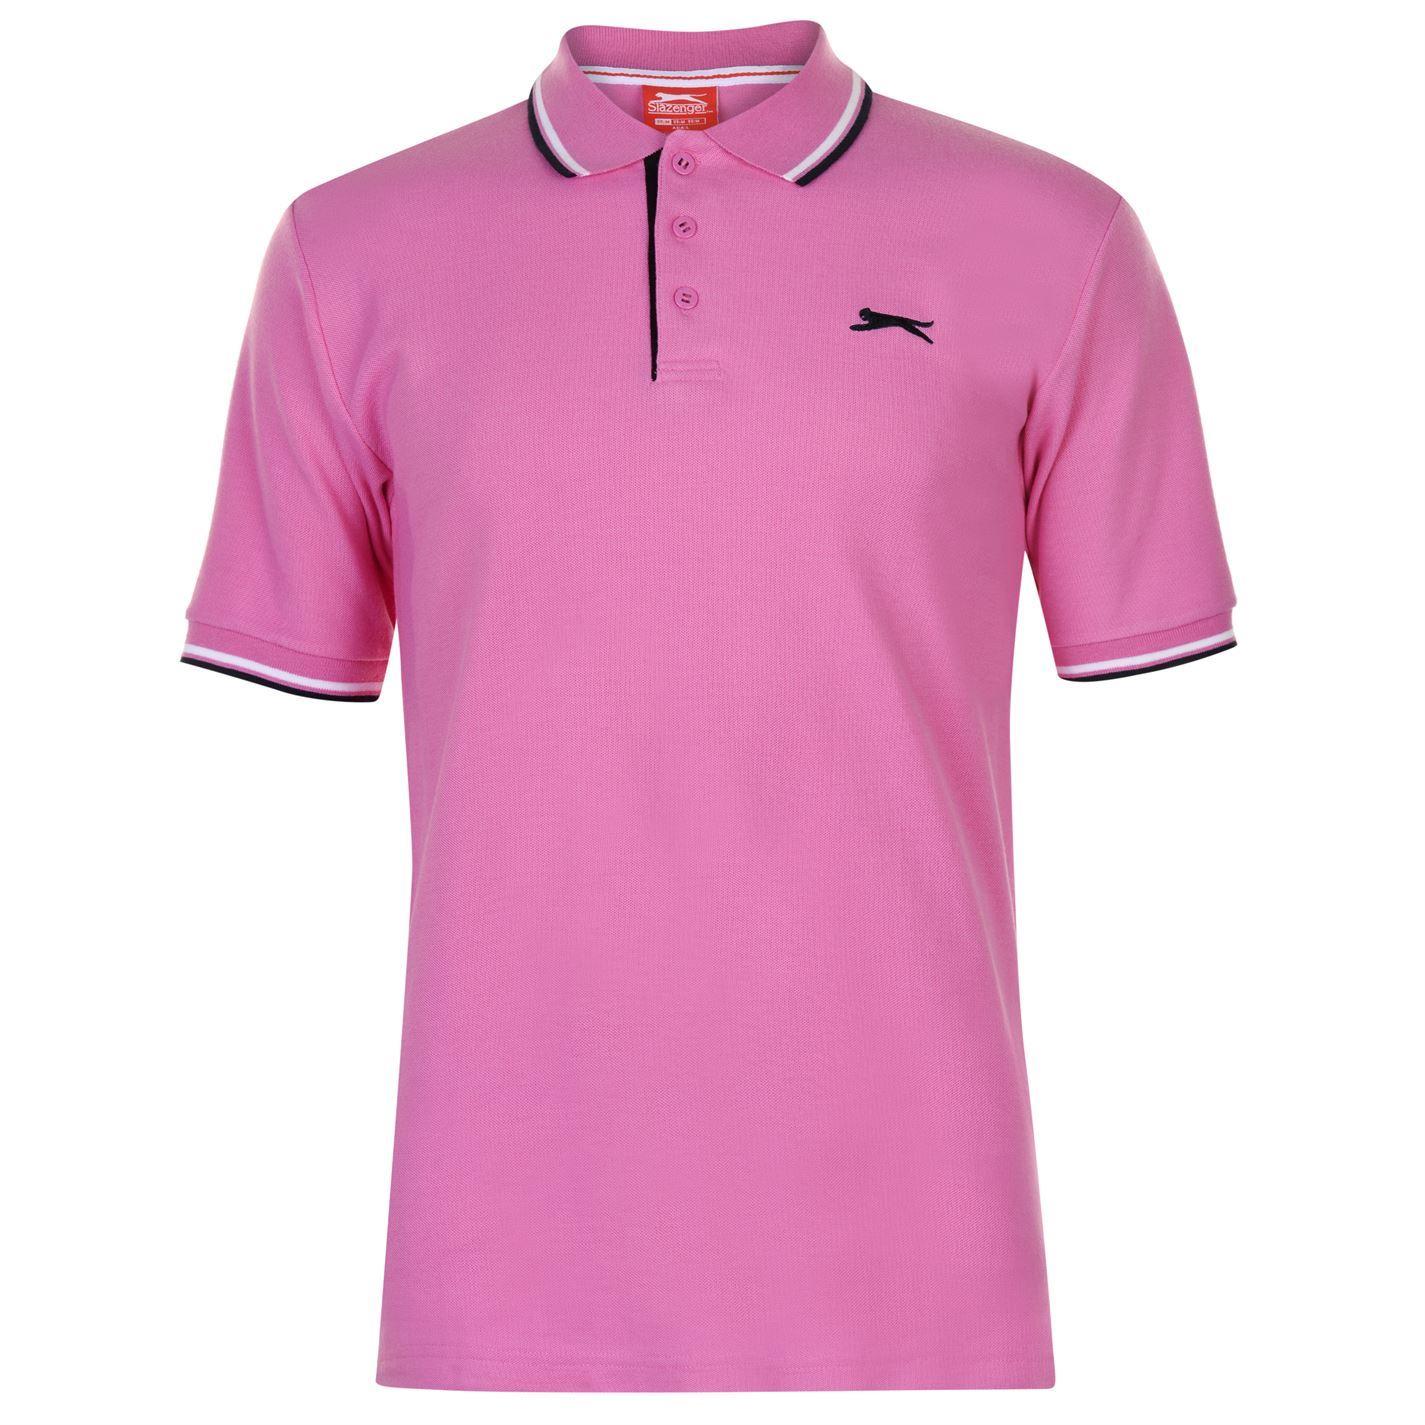 Slazenger-Polo-Camisa-de-hombre-con-cuello-con-Punta-T-Shirt-Top-Camiseta-Tee miniatura 25